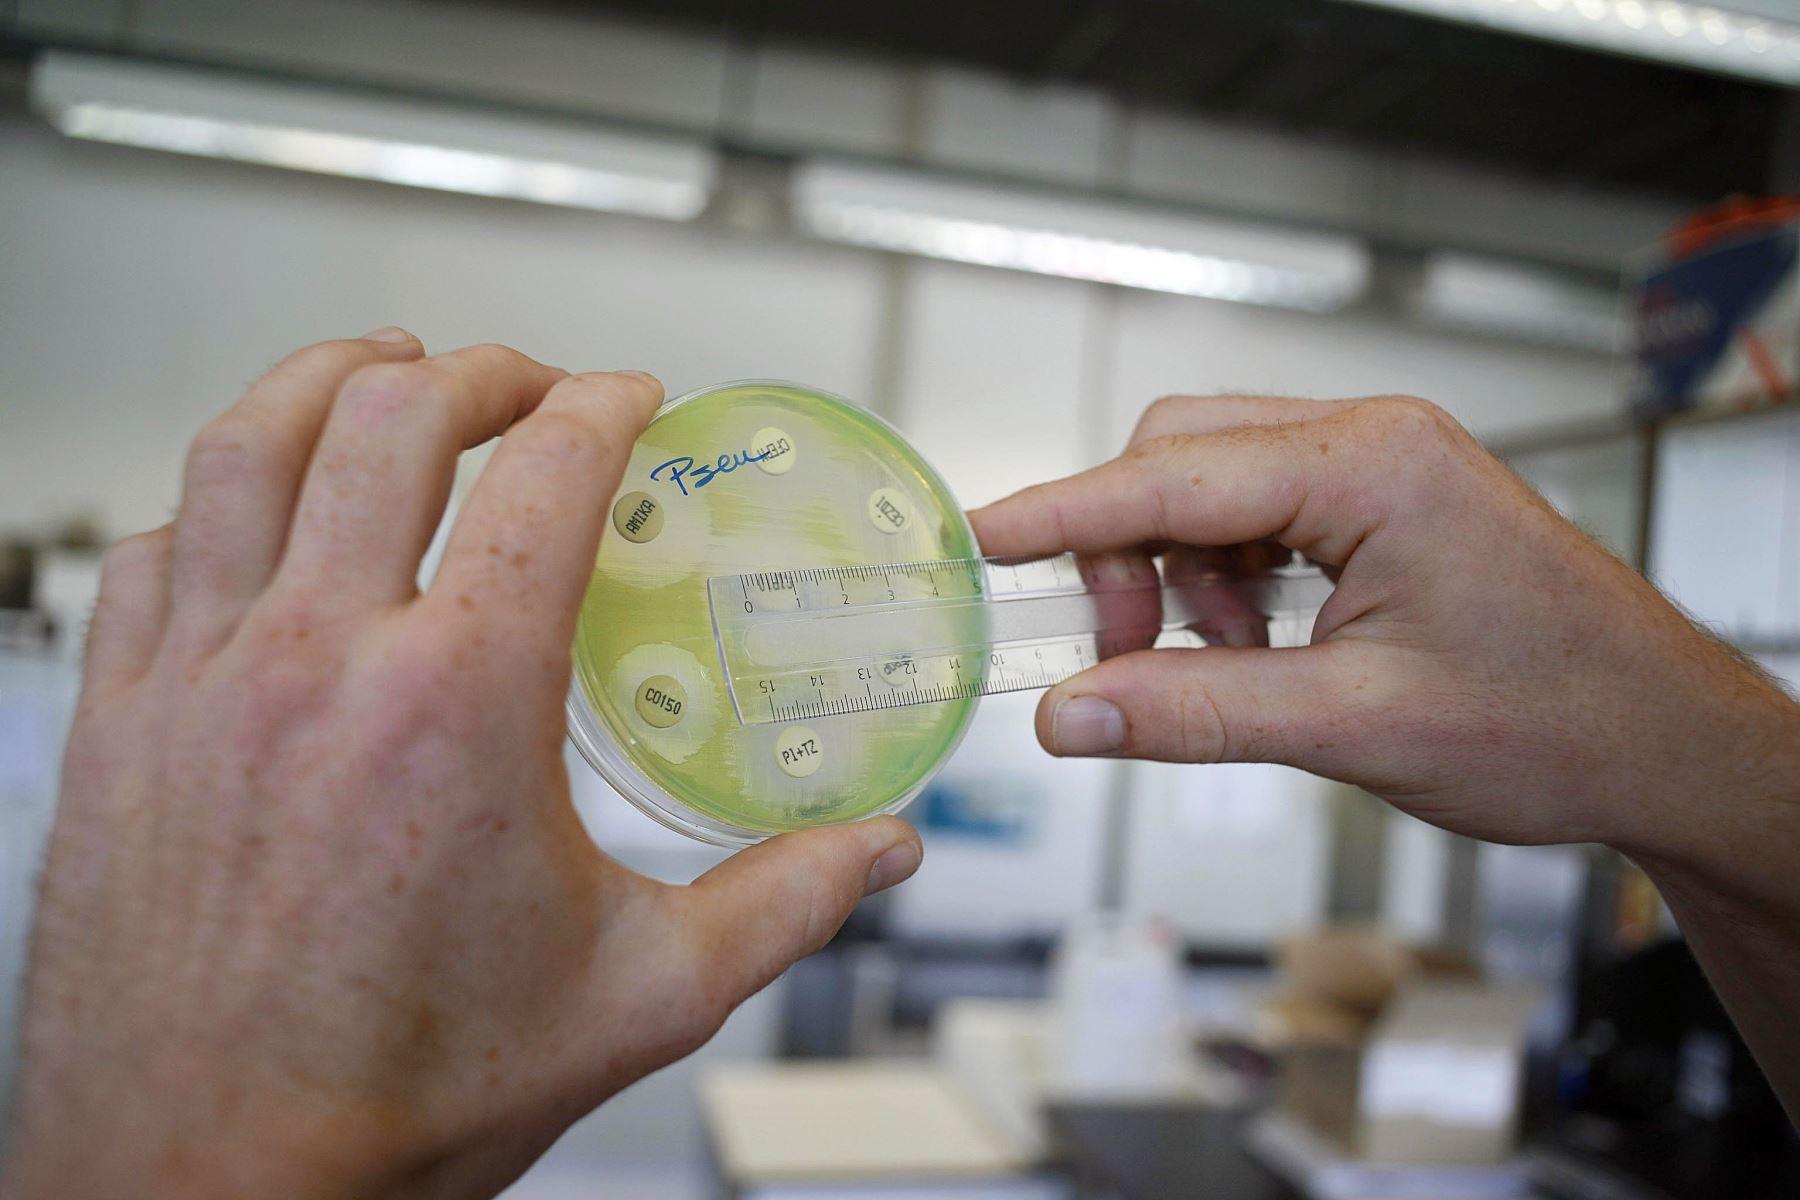 Las bacterias que sobreviven a nuestro abuso de los antibióticos generan cepas nuevas capaces de resistir los fármacos tradicionales. Foto: AFP